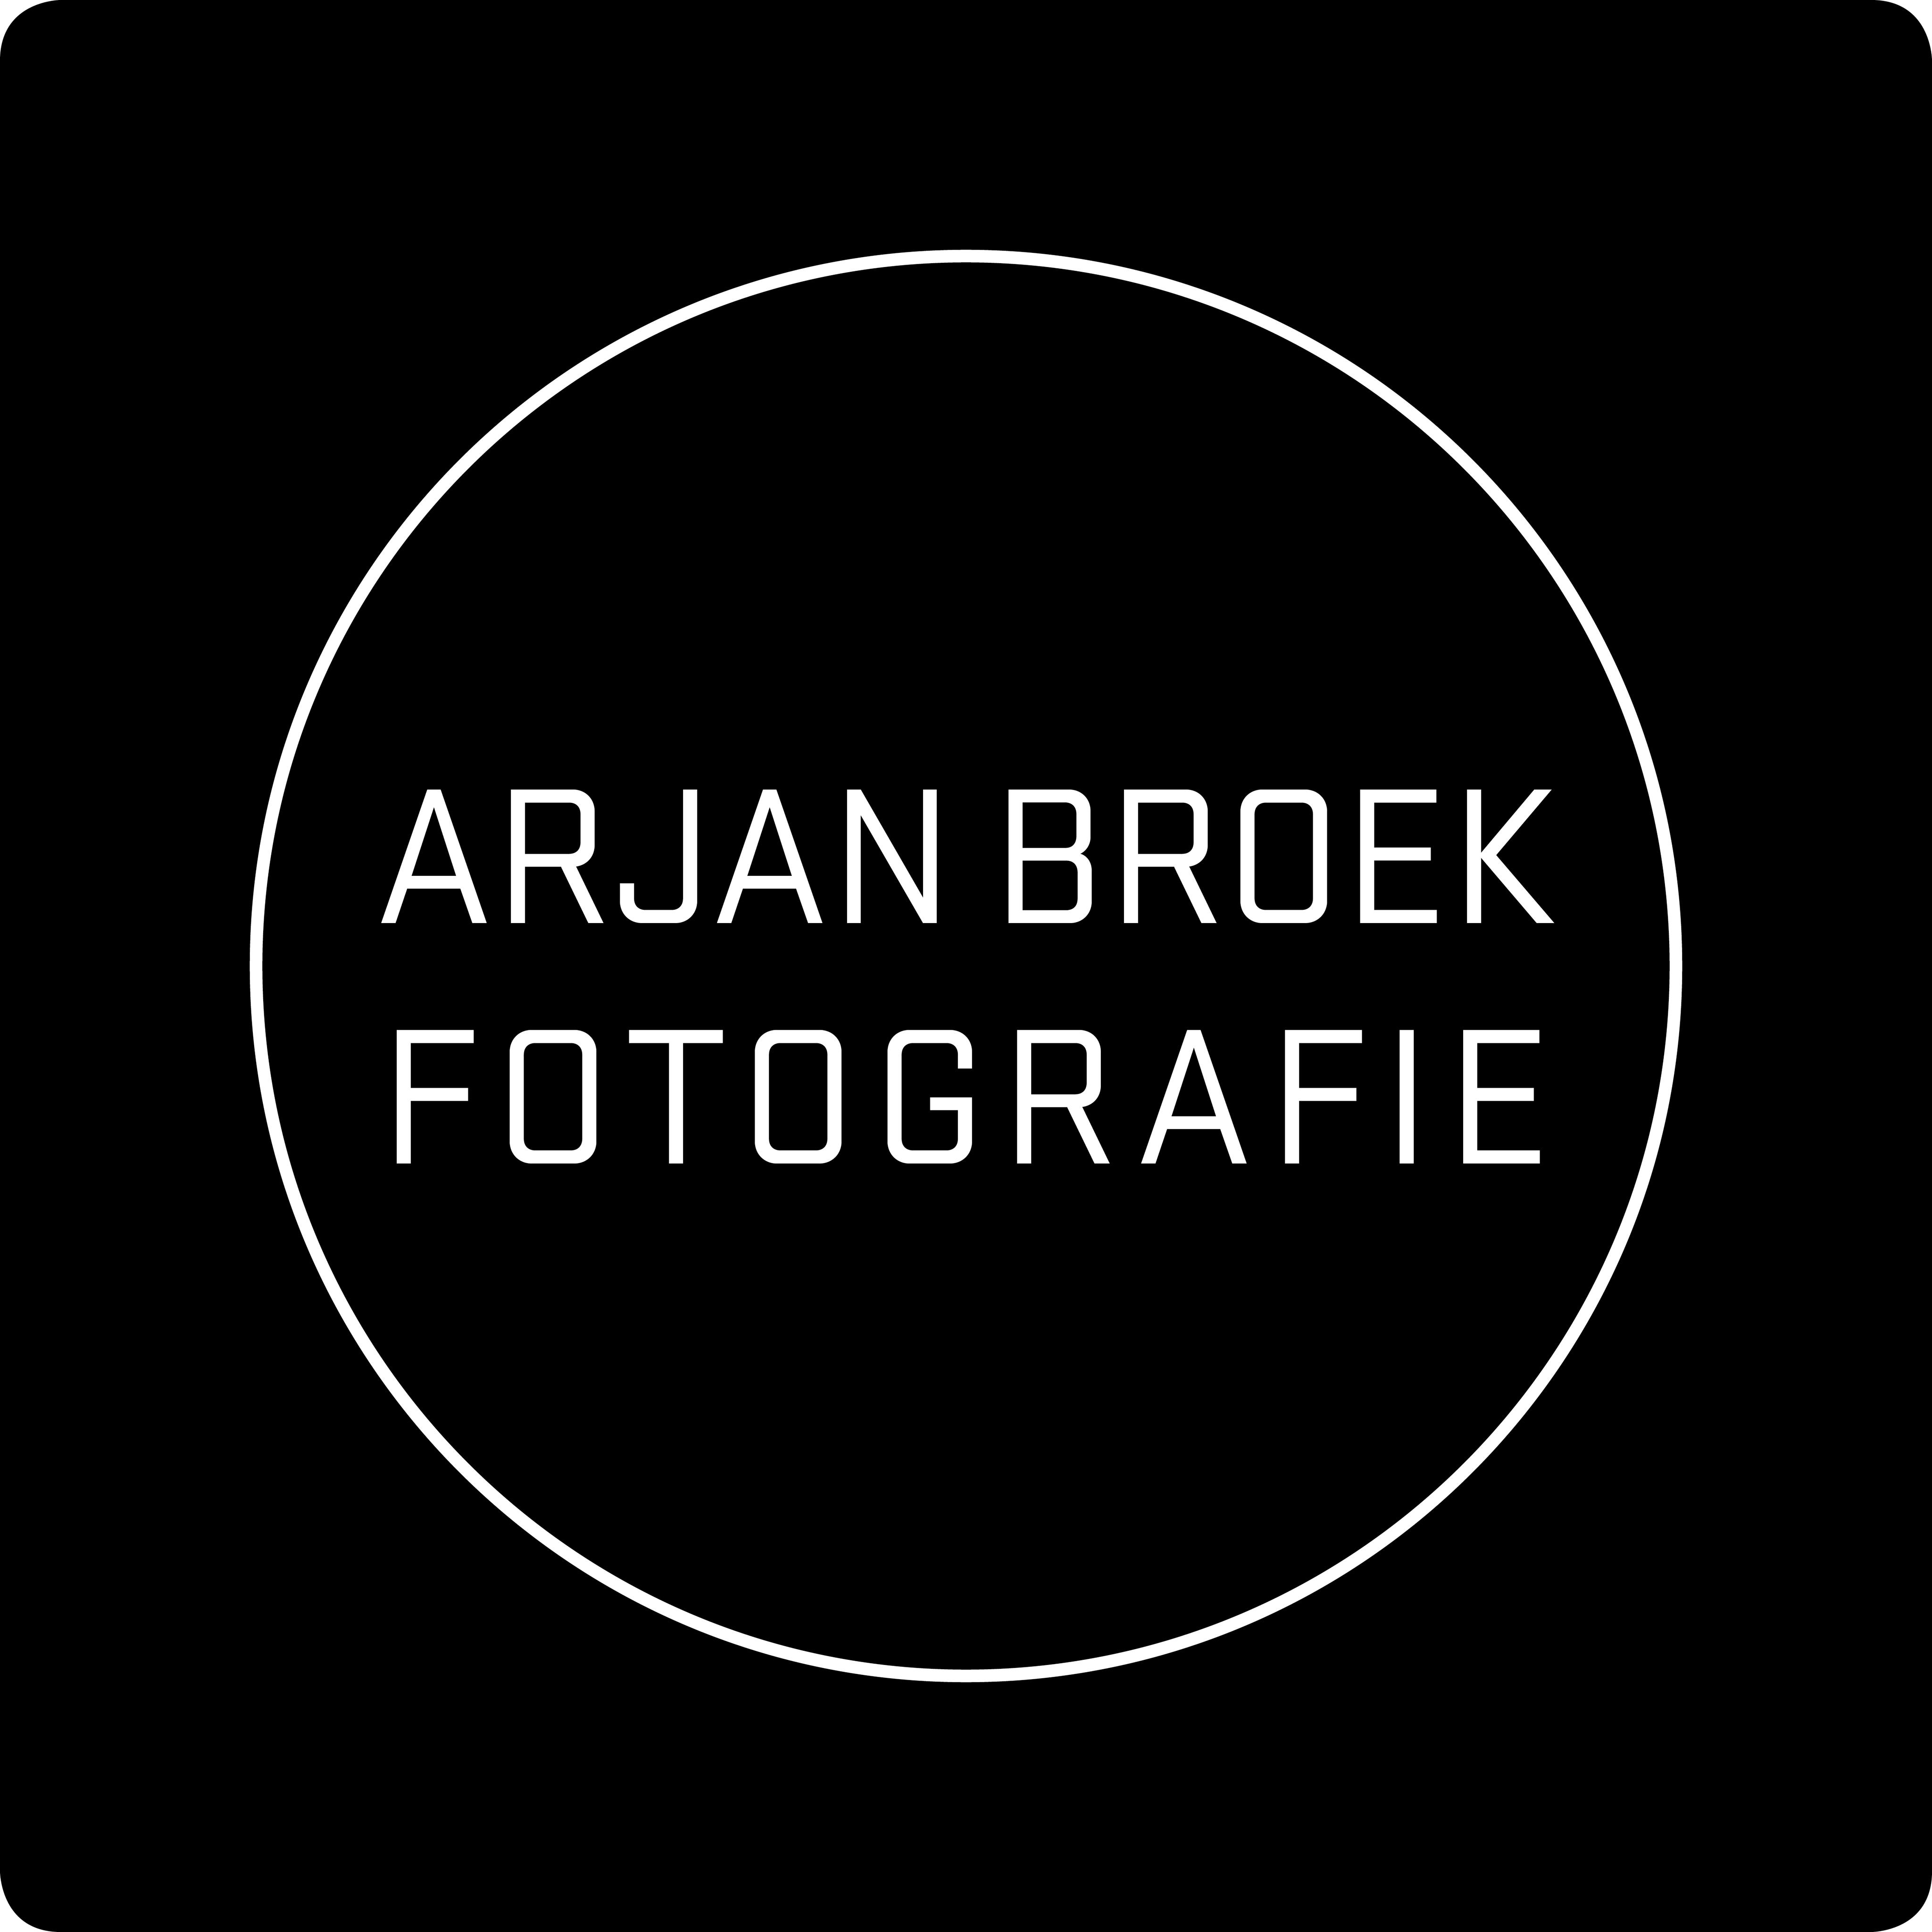 Arjan Broek